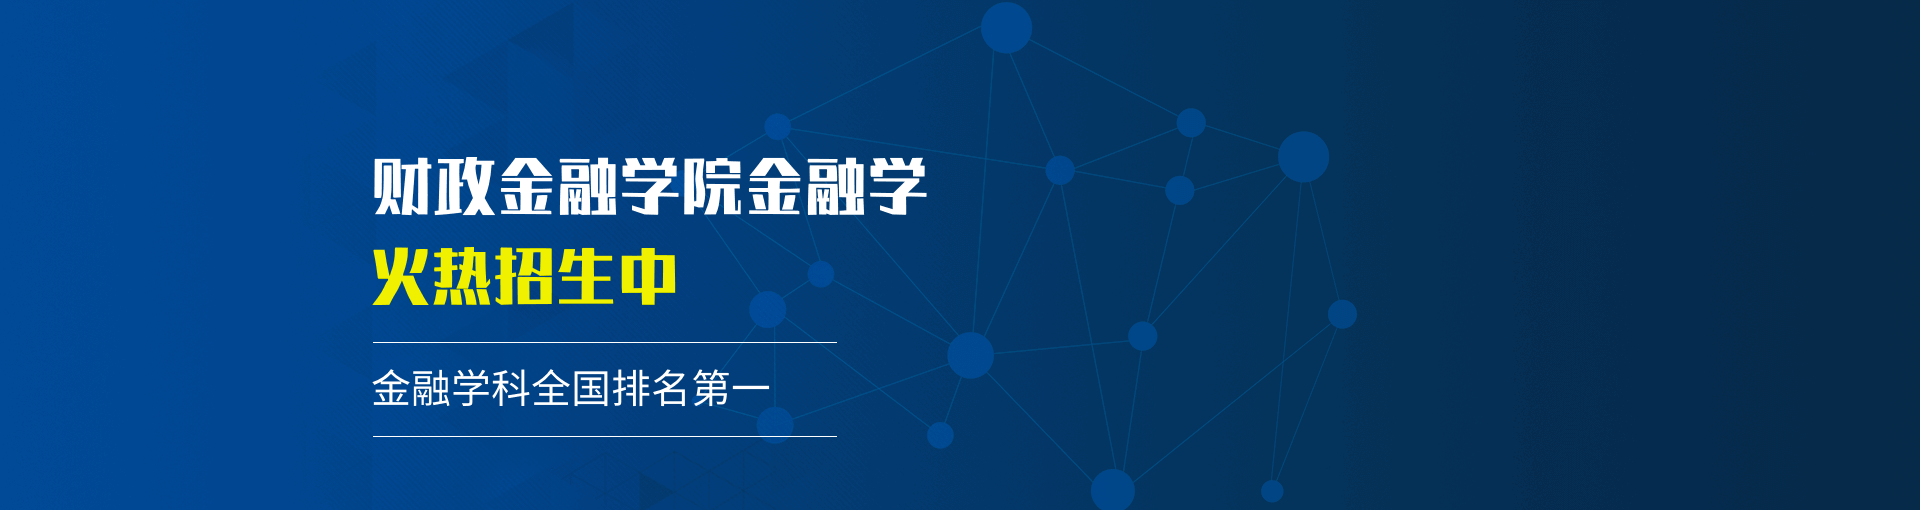 中国人民大学财政金融学院金融学课程研修班招生简章